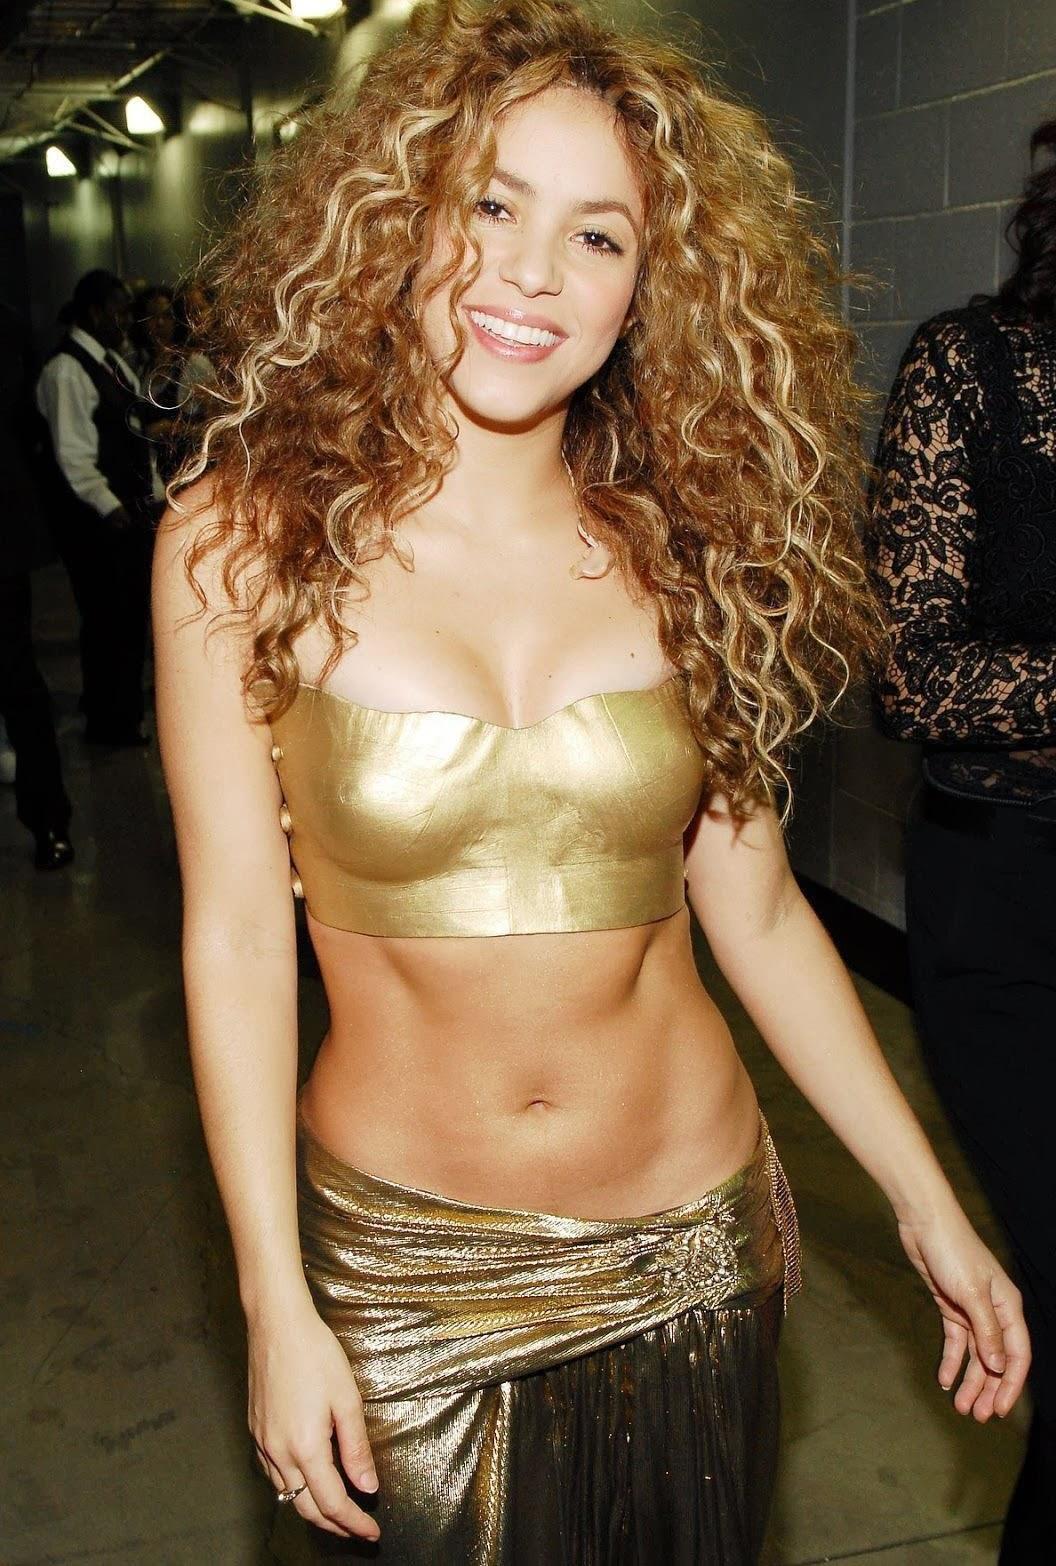 Shakira Beautiful New Hot Photos 2013-14 | Hollywood Stars